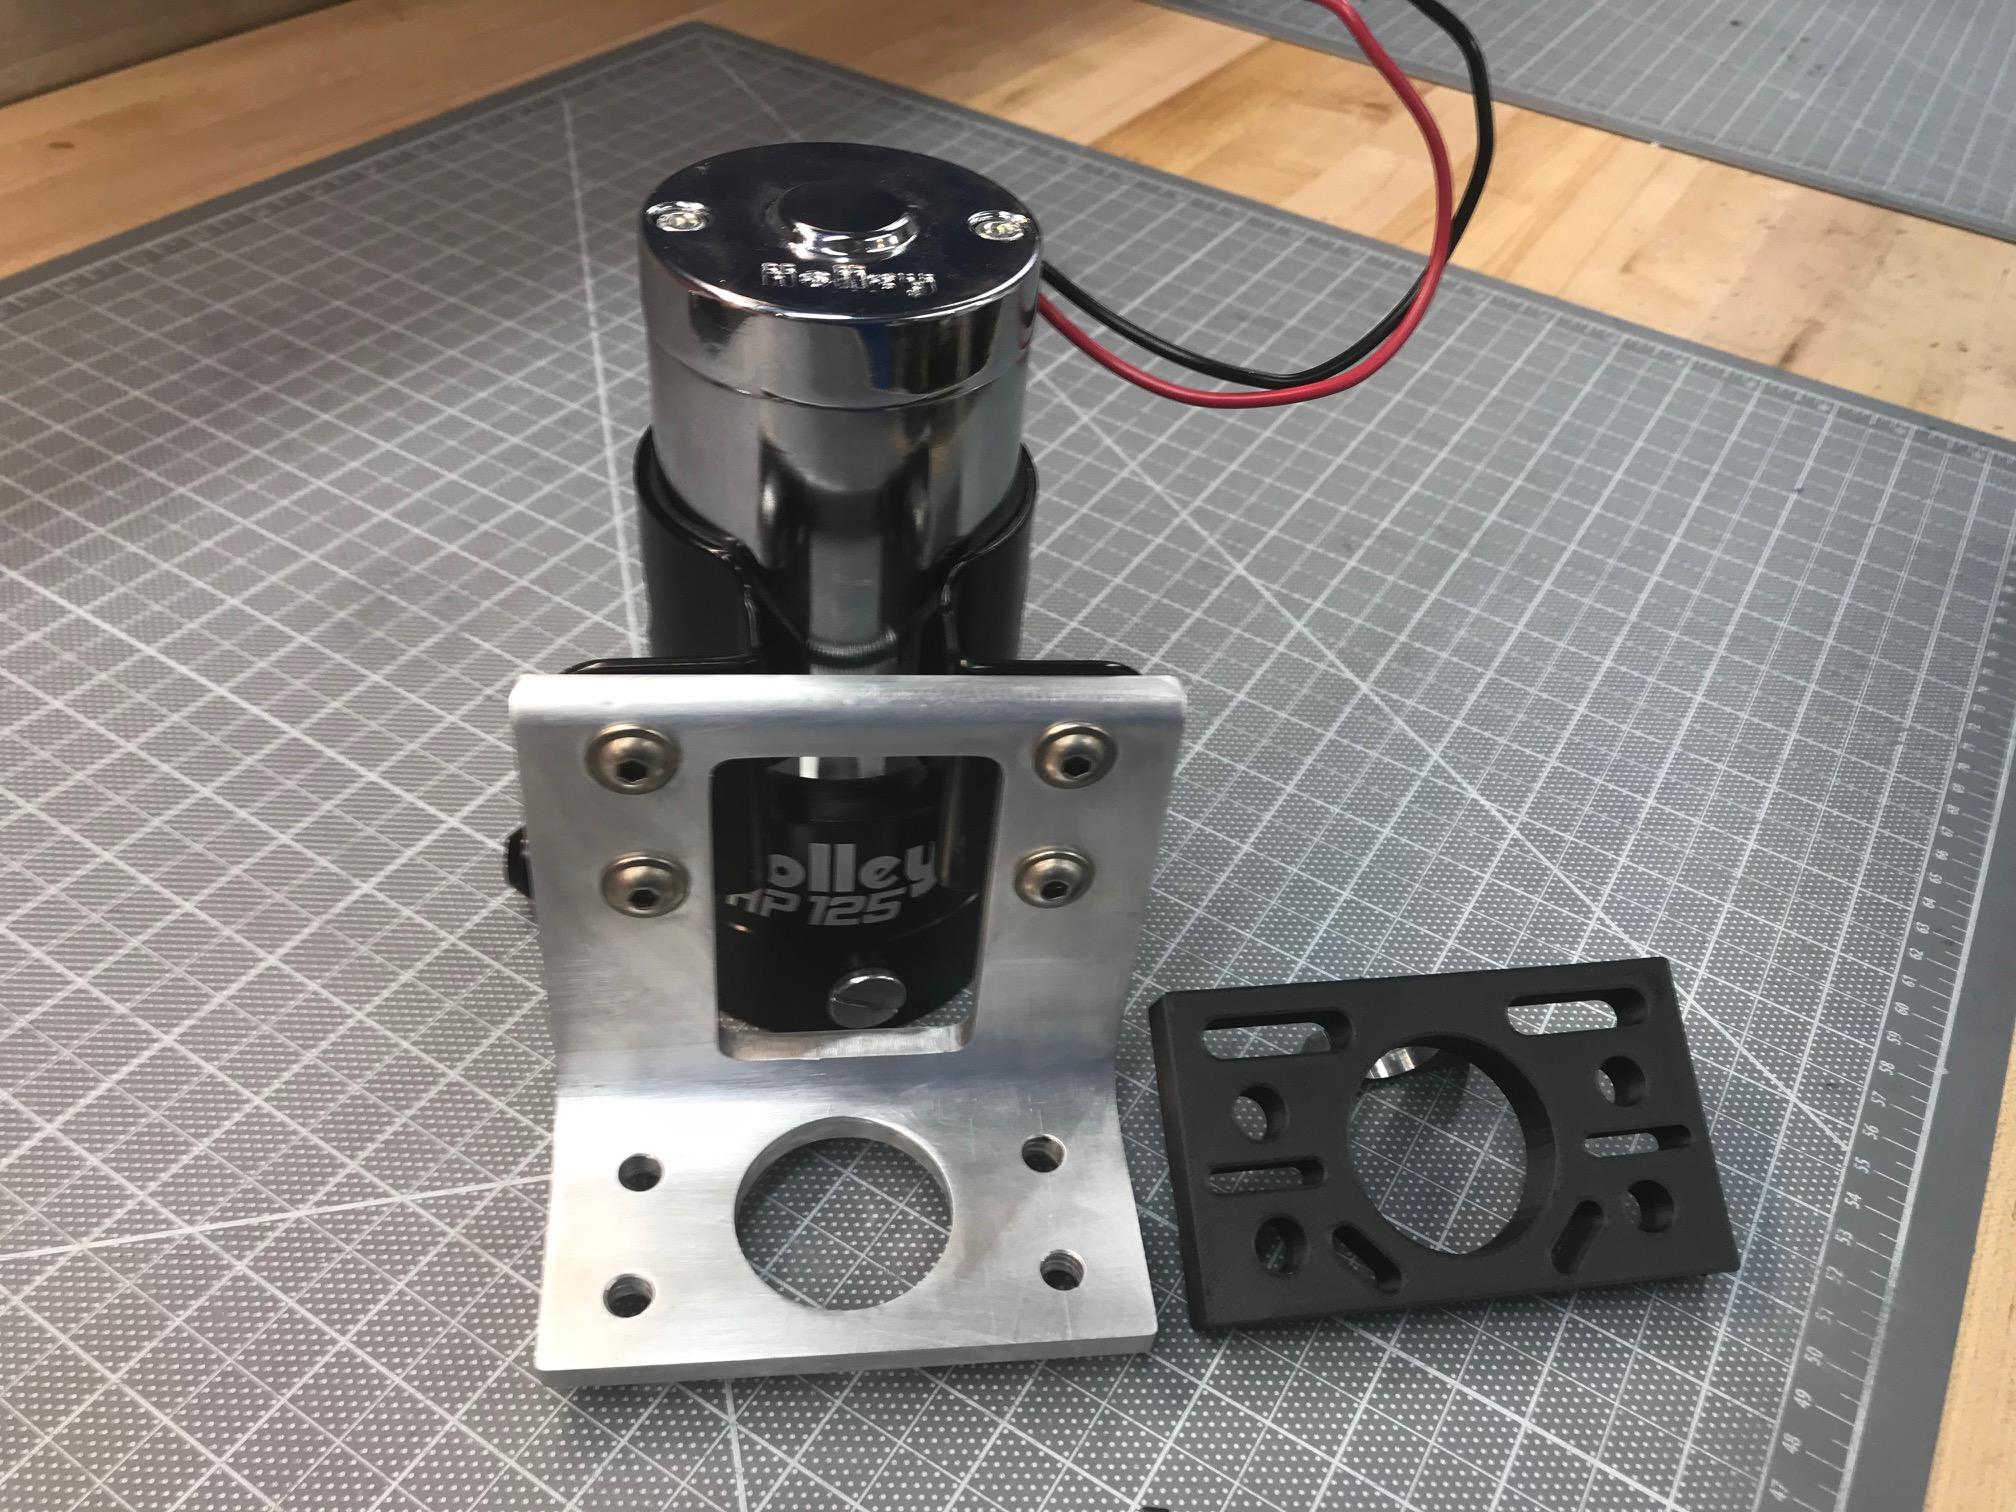 Pump mounted to bracket; custom 3D-printed spacer